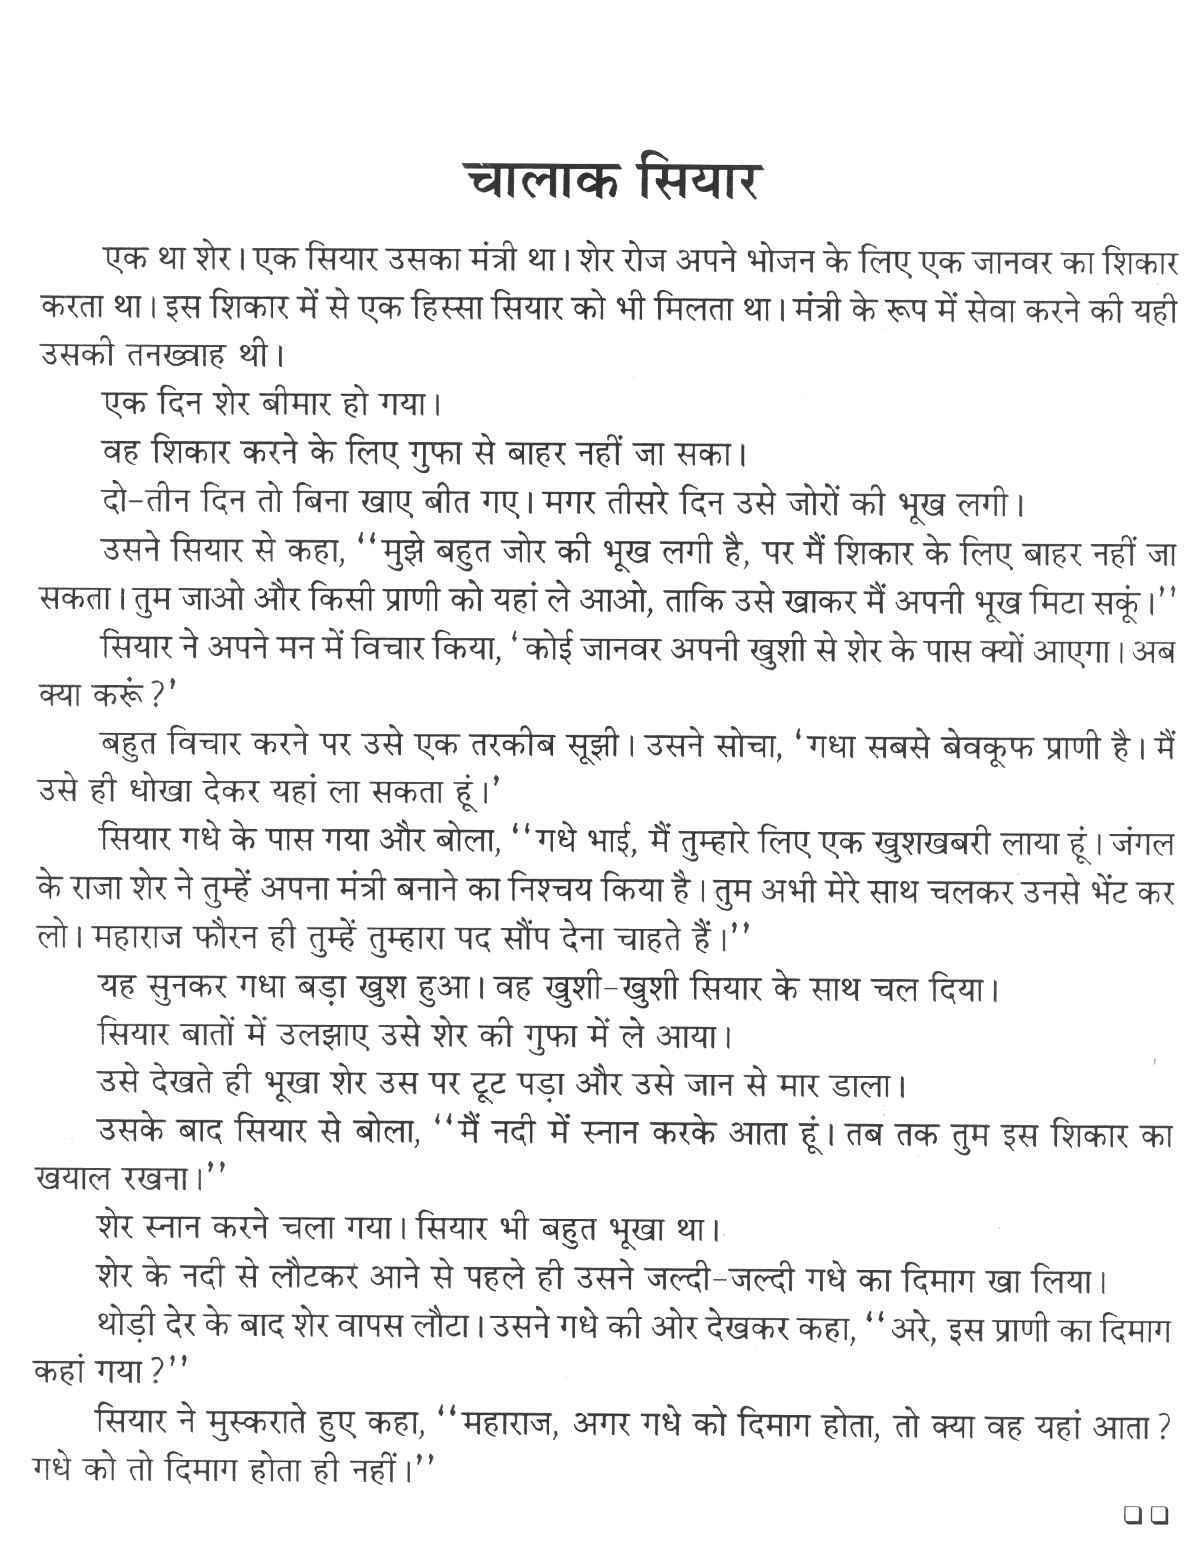 005 Essay Example Save Water Wikipedia How Thumb Earth In Marathi Small On Hindi English Awful Life Tamil Gujarati Full